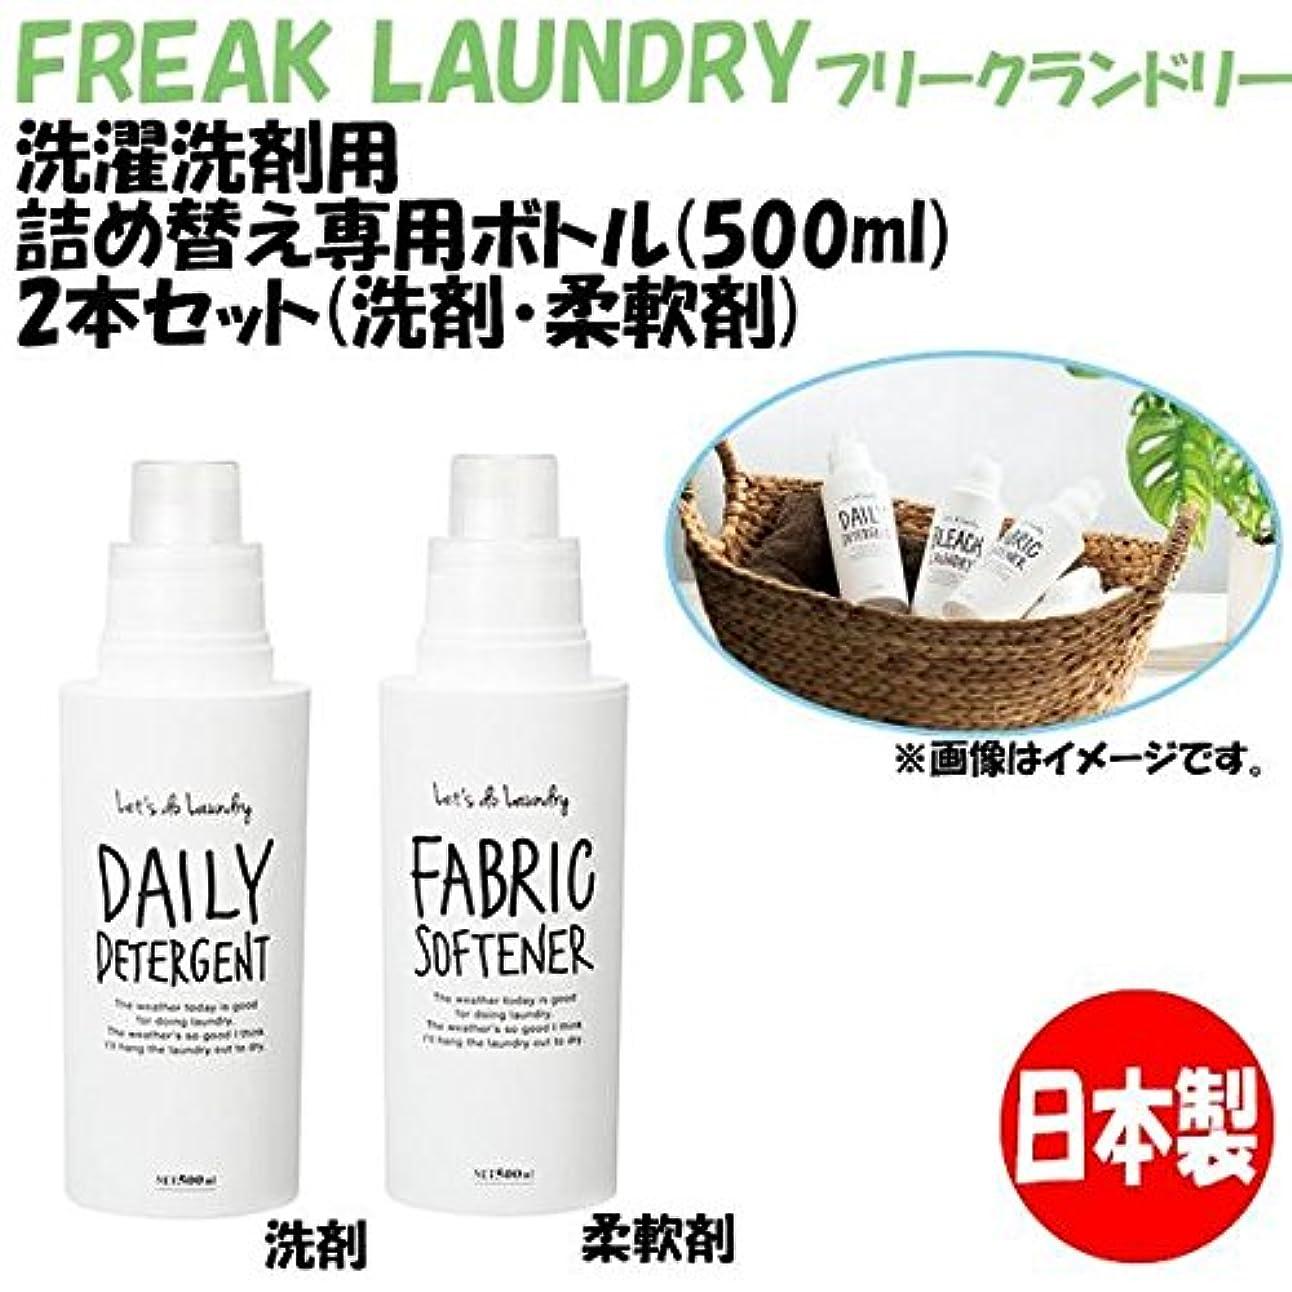 砂のイライラする考え日本製 フリークランドリー 洗濯洗剤用詰め替え専用ボトル(500ml) 2本セット(洗剤?柔軟剤)